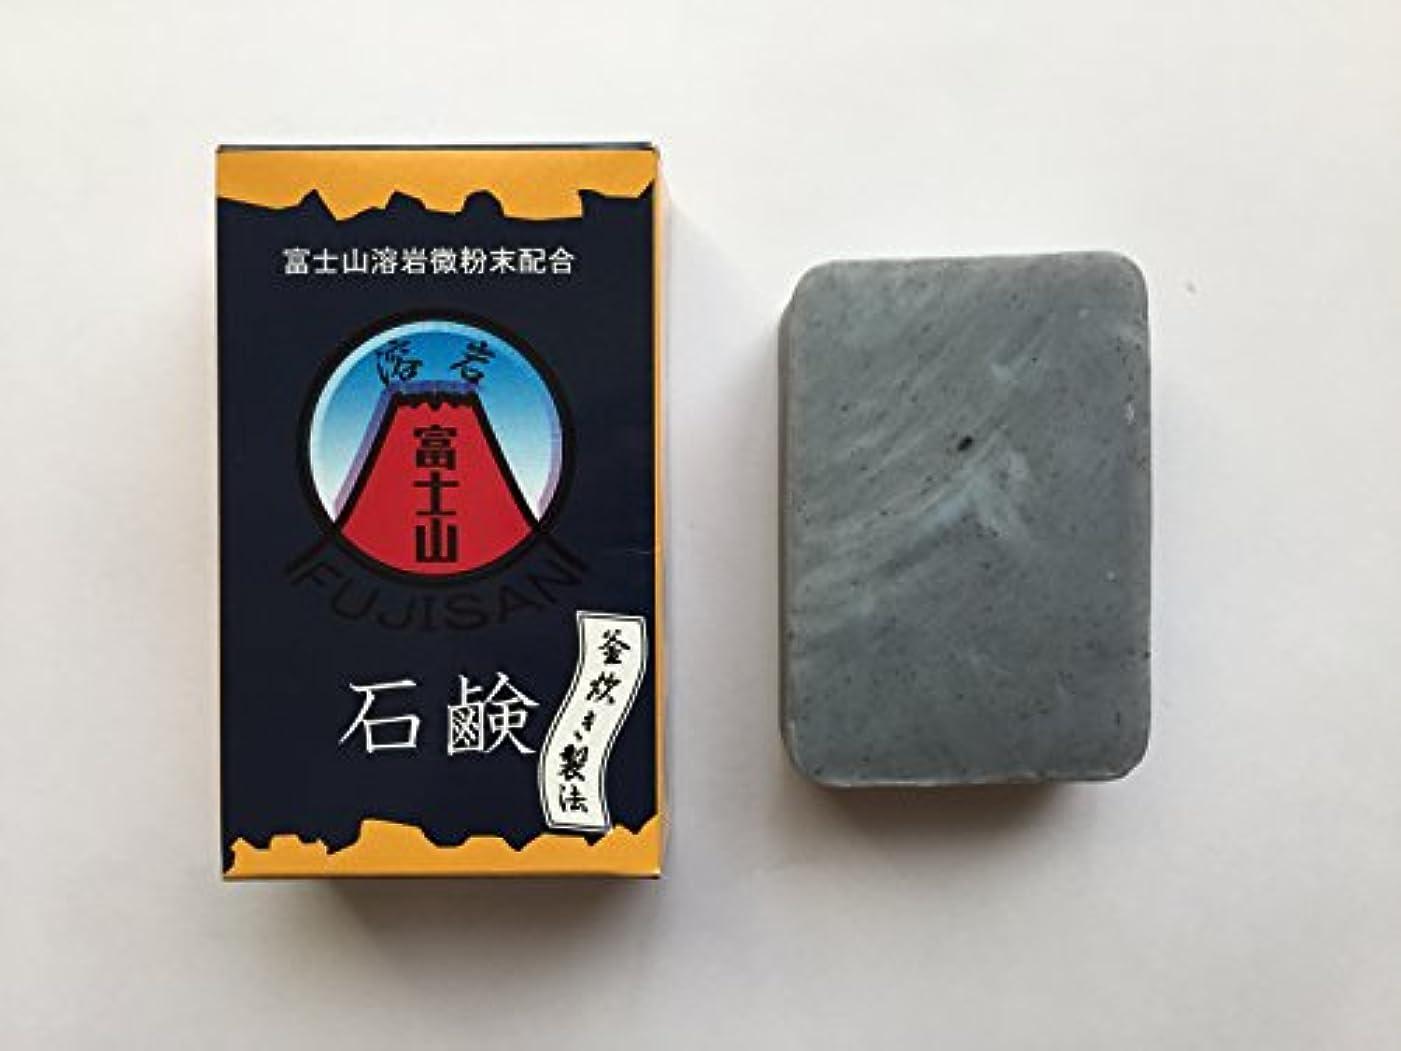 ファイアルバイソンピュー富士山溶岩石鹸 80g/個×3個セット